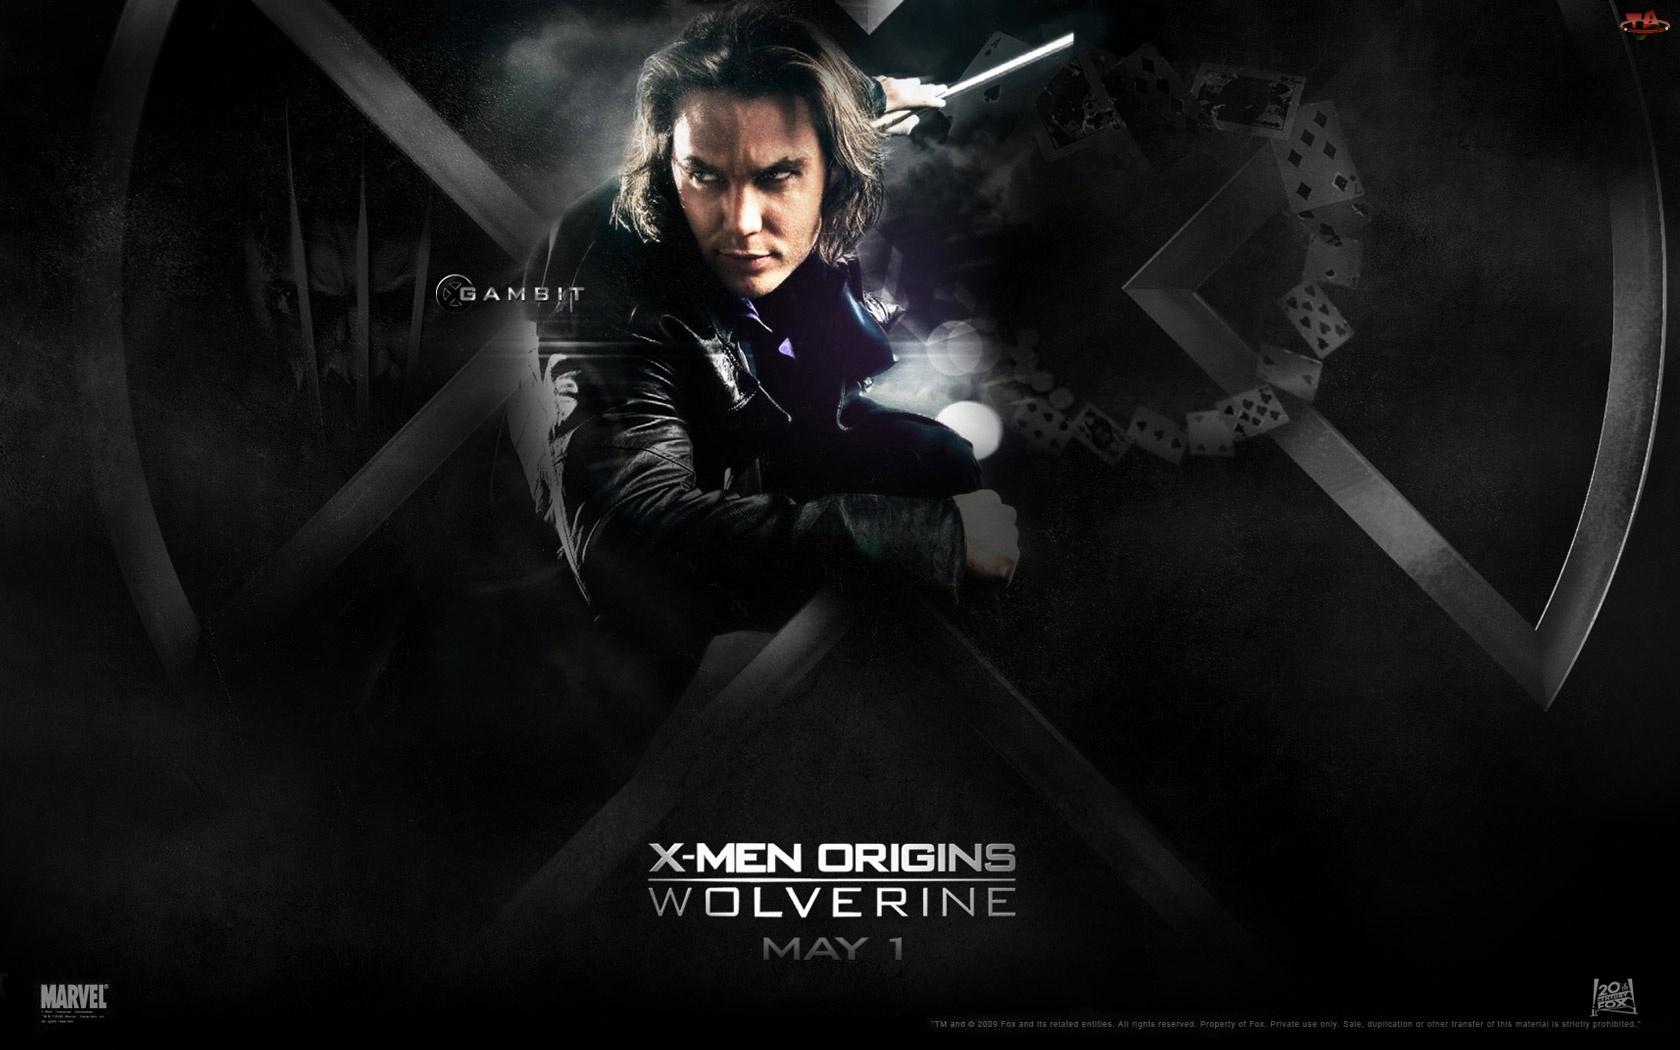 X-Men Wolverine Origins, Gambit